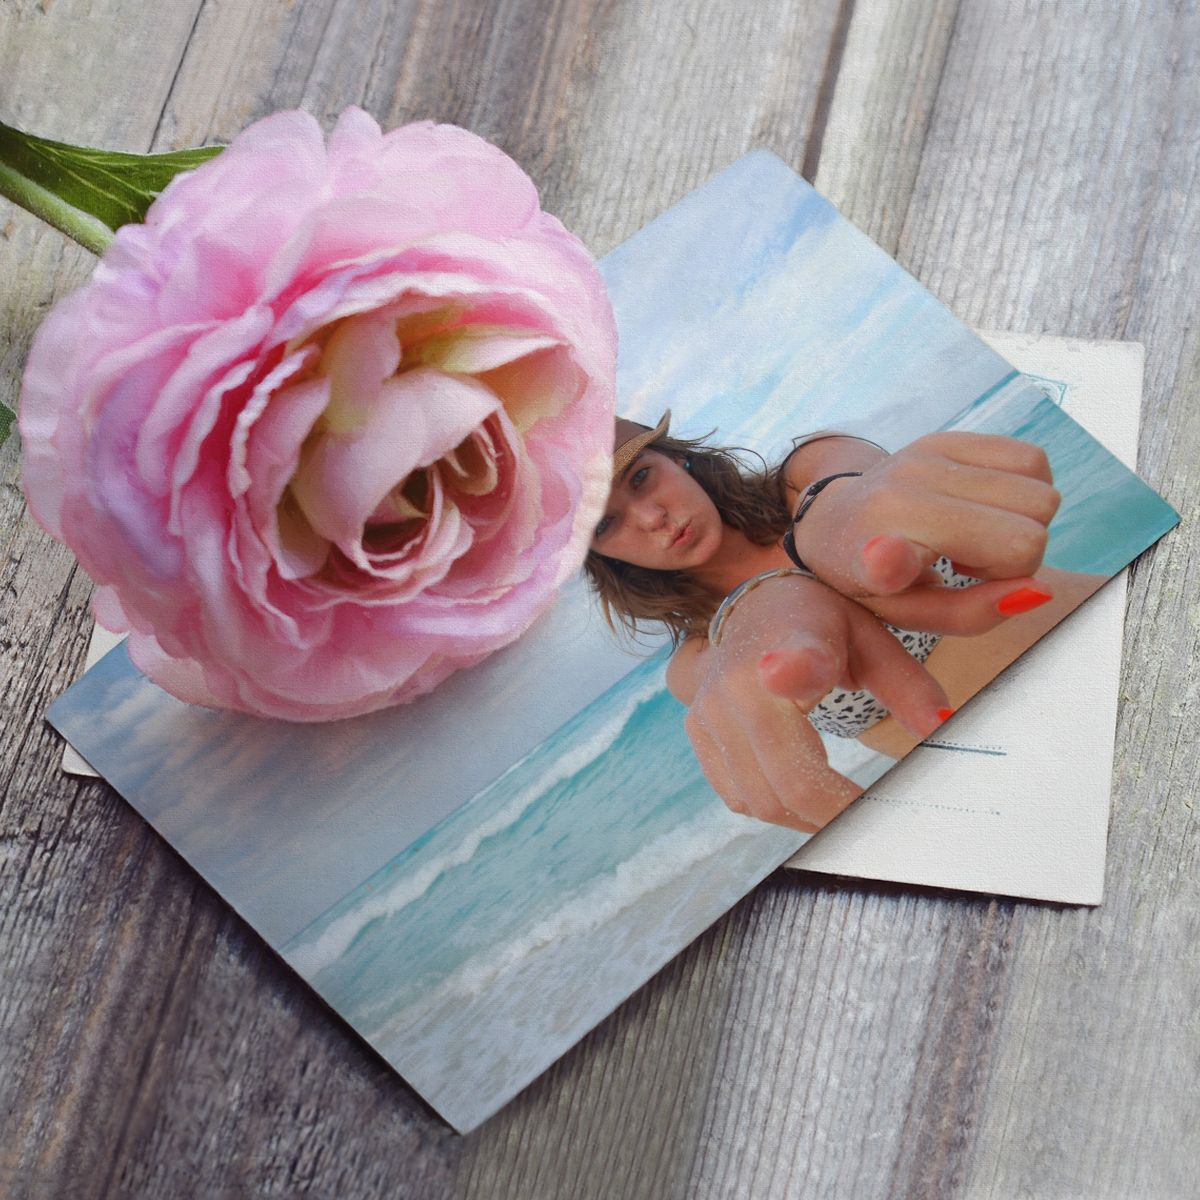 Urlaubszeit ist Postkartenzeit! Gestalten Sie eine Foto-Postkarte mit Ihrem Lieblingsmotiv und überraschen Sie Ihre Lieben zu Hause. Bequem online gestalten - Ausarbeitung und Zustellung übernehmen wir. #postkarte #urlaub #fotopostkarte